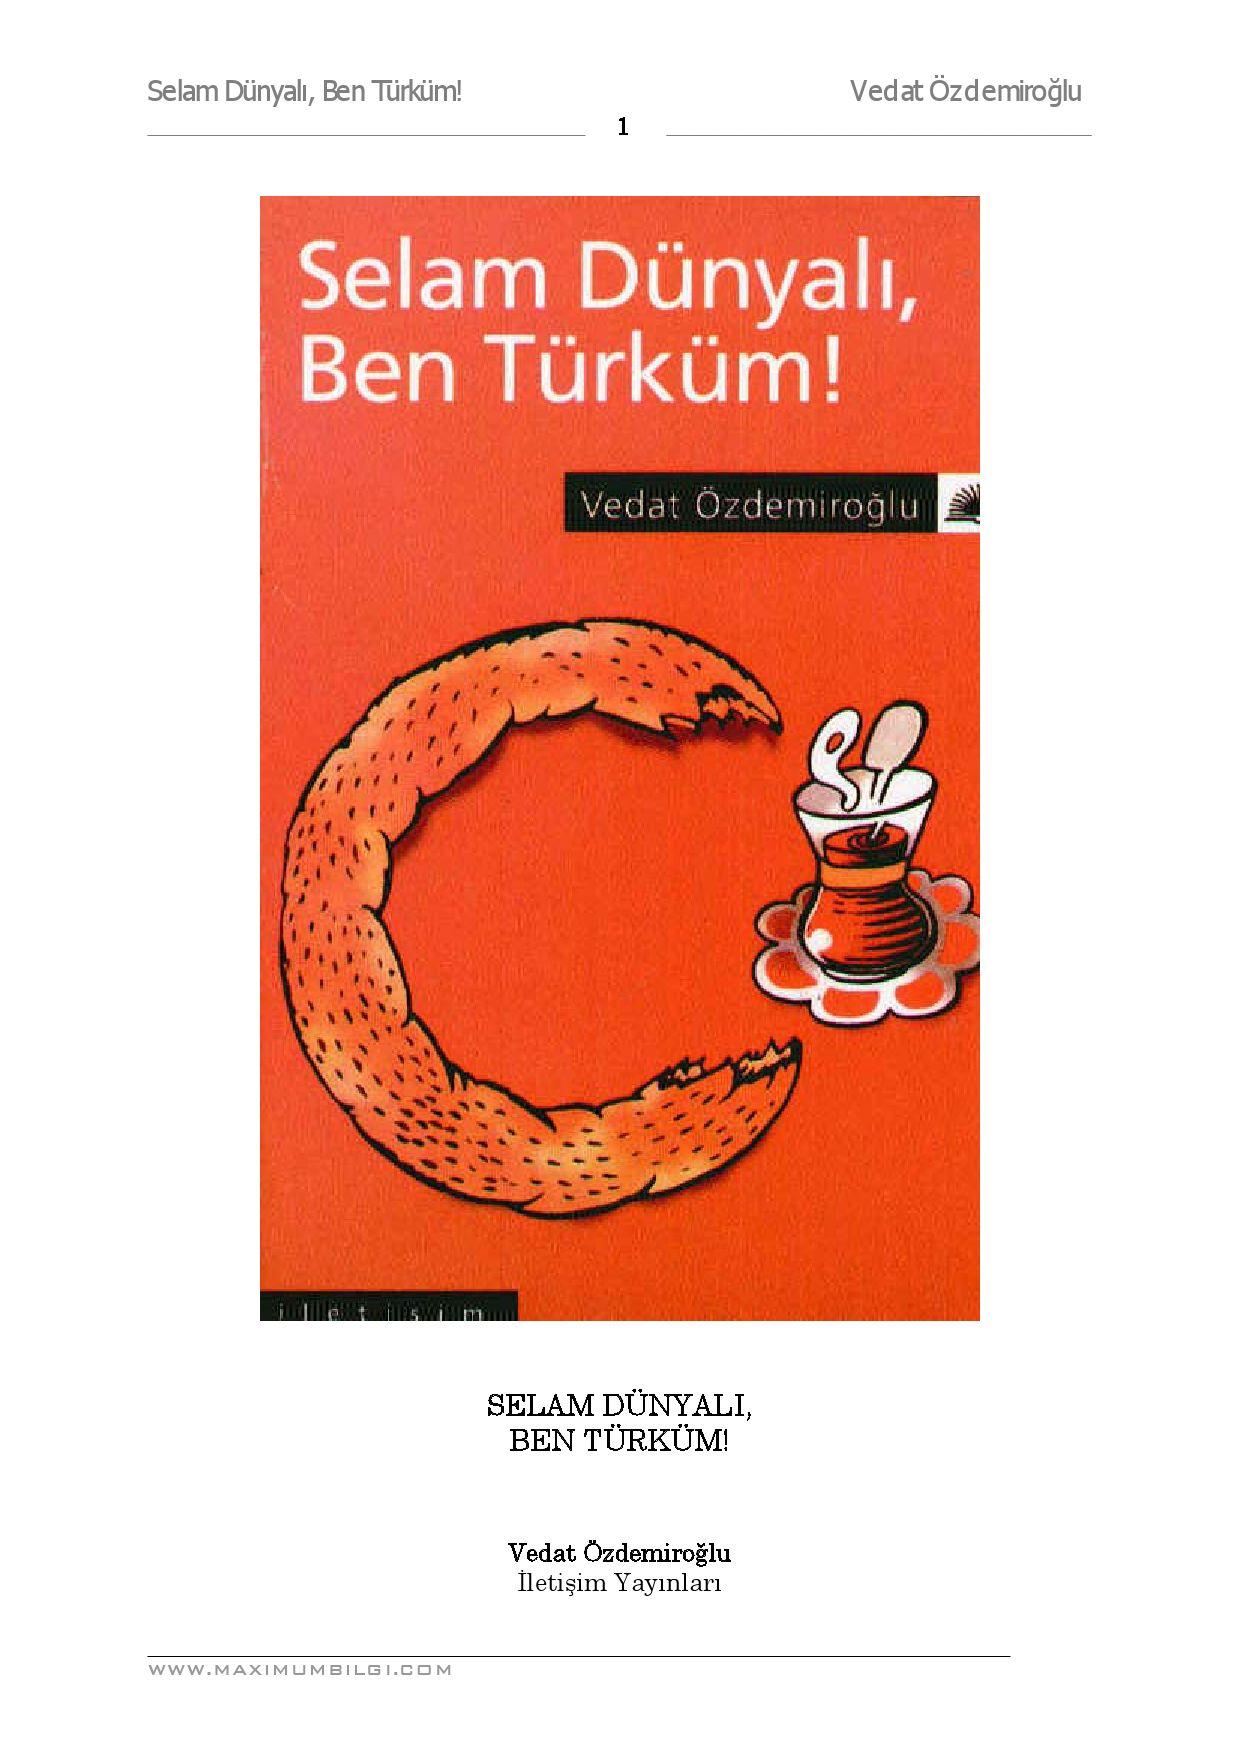 Kaya Çilingiroğlu Helin Avşarla program sunacak